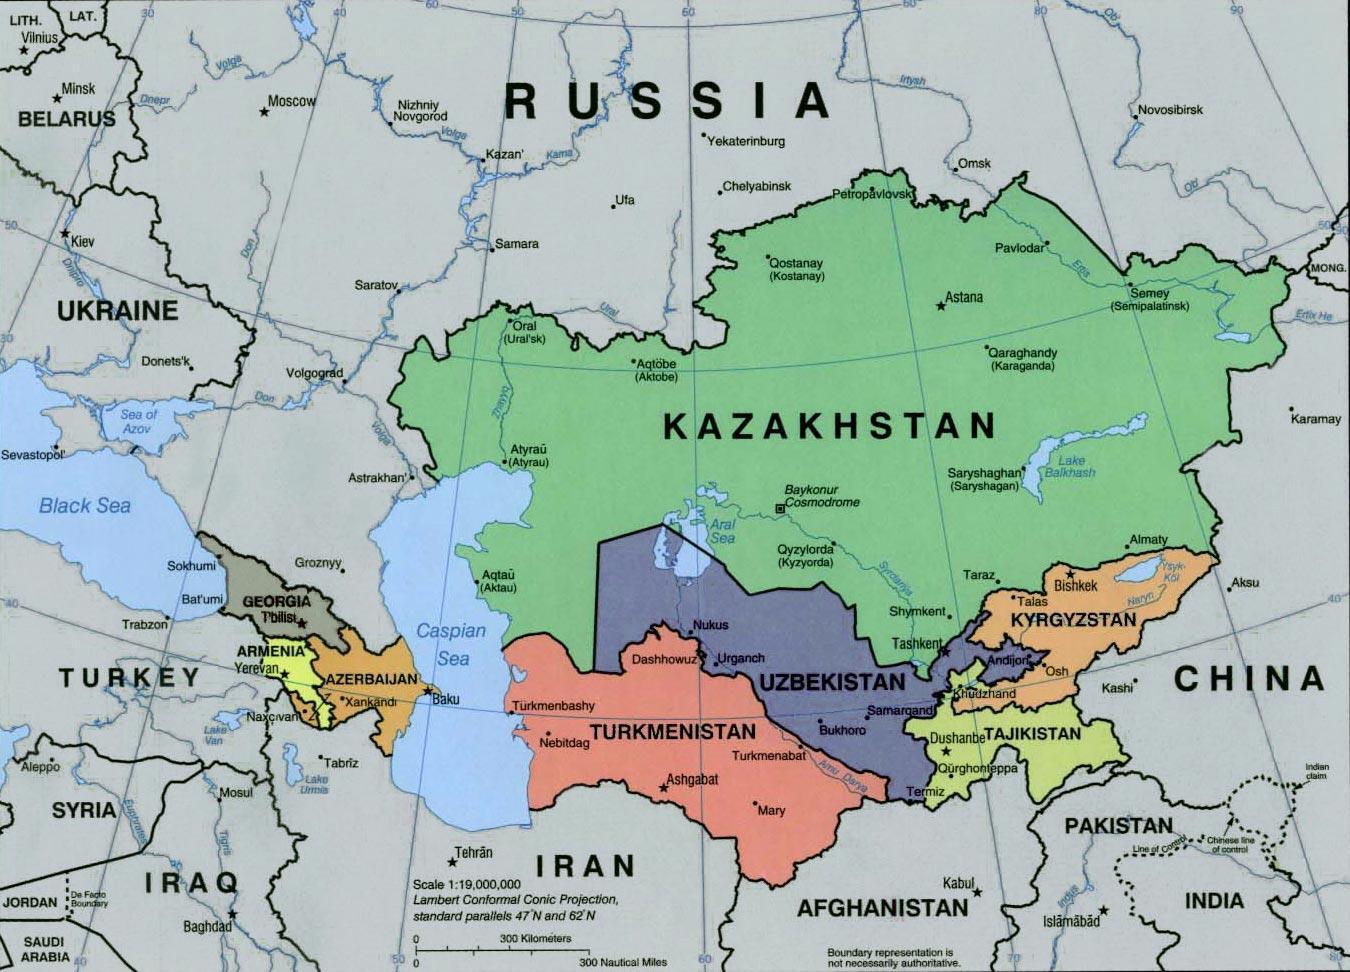 Rusije I Centralnoj Aziji Mapu Mapu Za Rusiju I Centralnoj Aziji